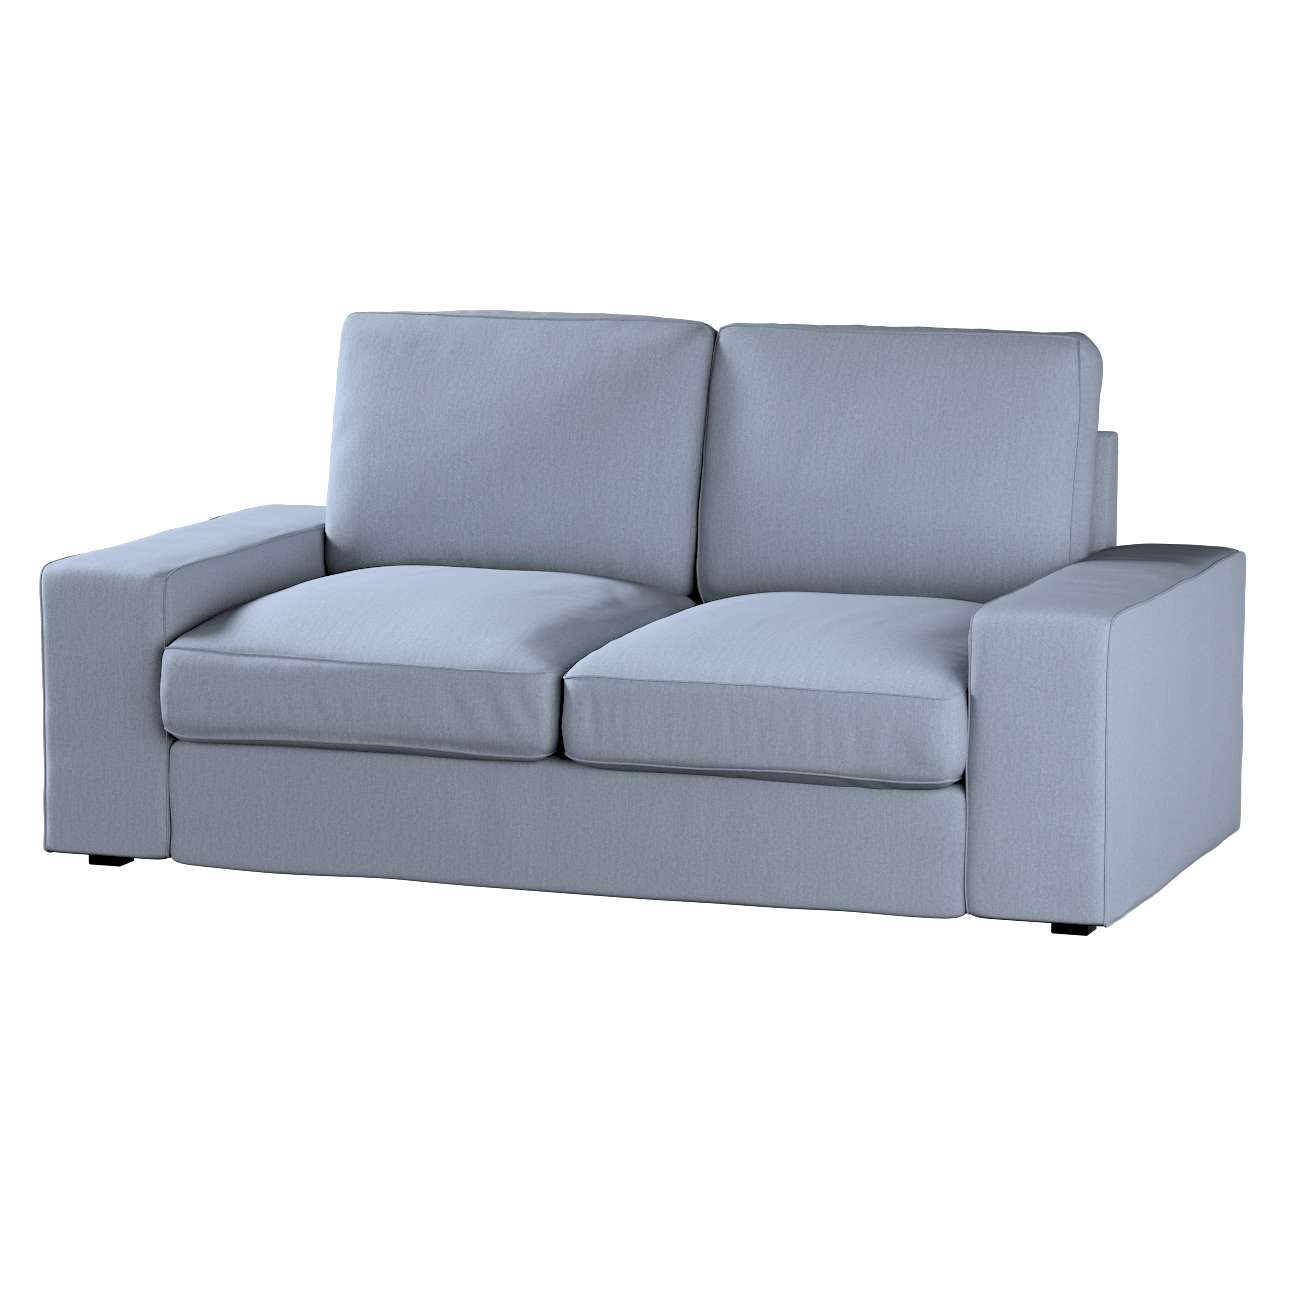 Pokrowiec na sofę Kivik 2-osobową, nierozkładaną Sofa Kivik 2-osobowa w kolekcji Chenille, tkanina: 702-13